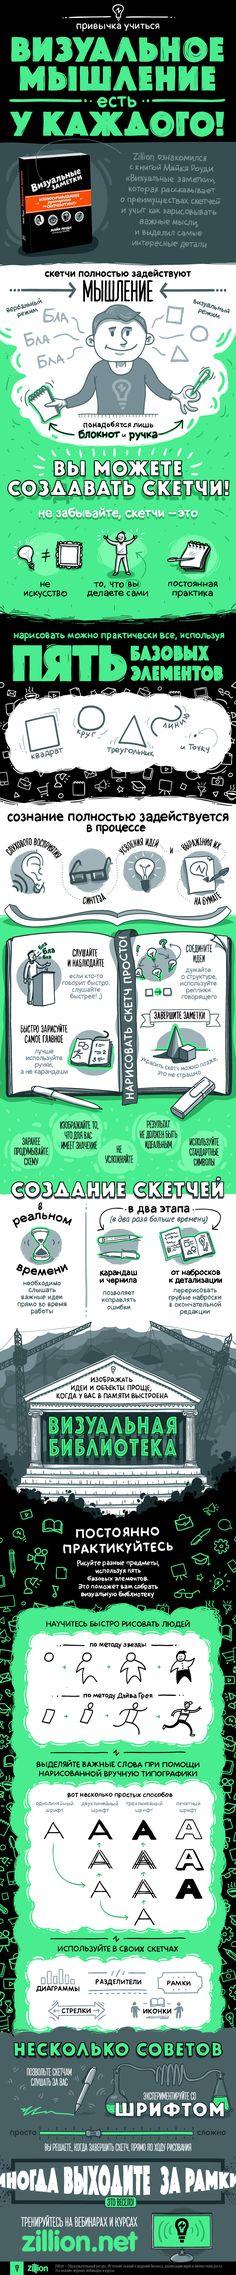 Визуальное мышление. Инфографика